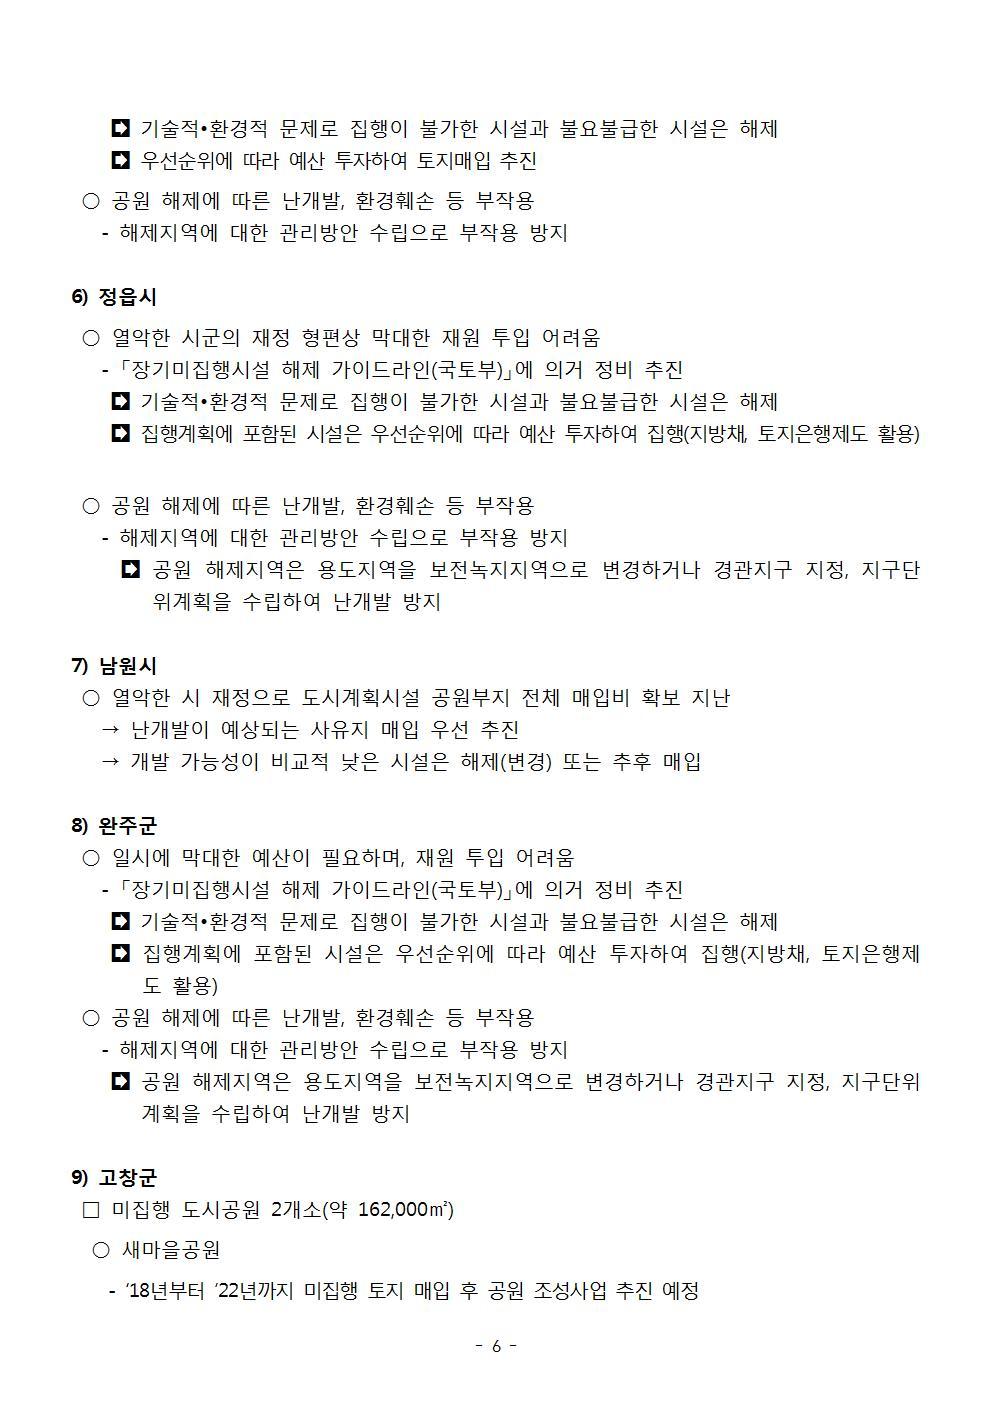 20180210-전북의 도시공원  현황_2차 자료 정리006.jpg